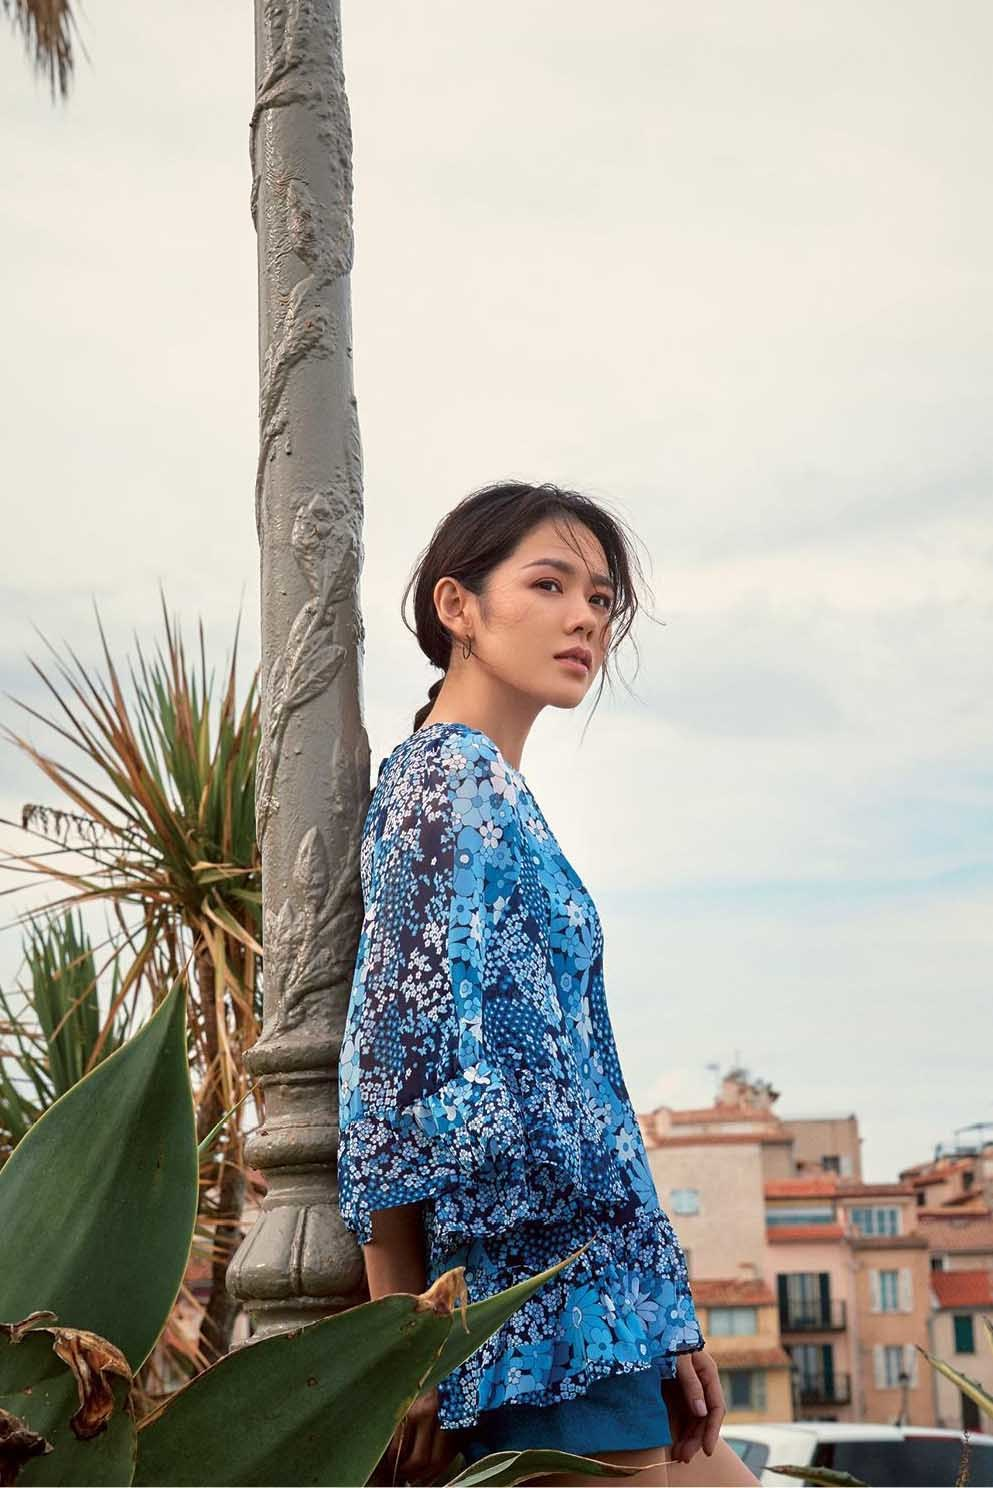 Son Ye Jin - bạn gái Huyn Bin 'có tất cả' của showbiz Hàn